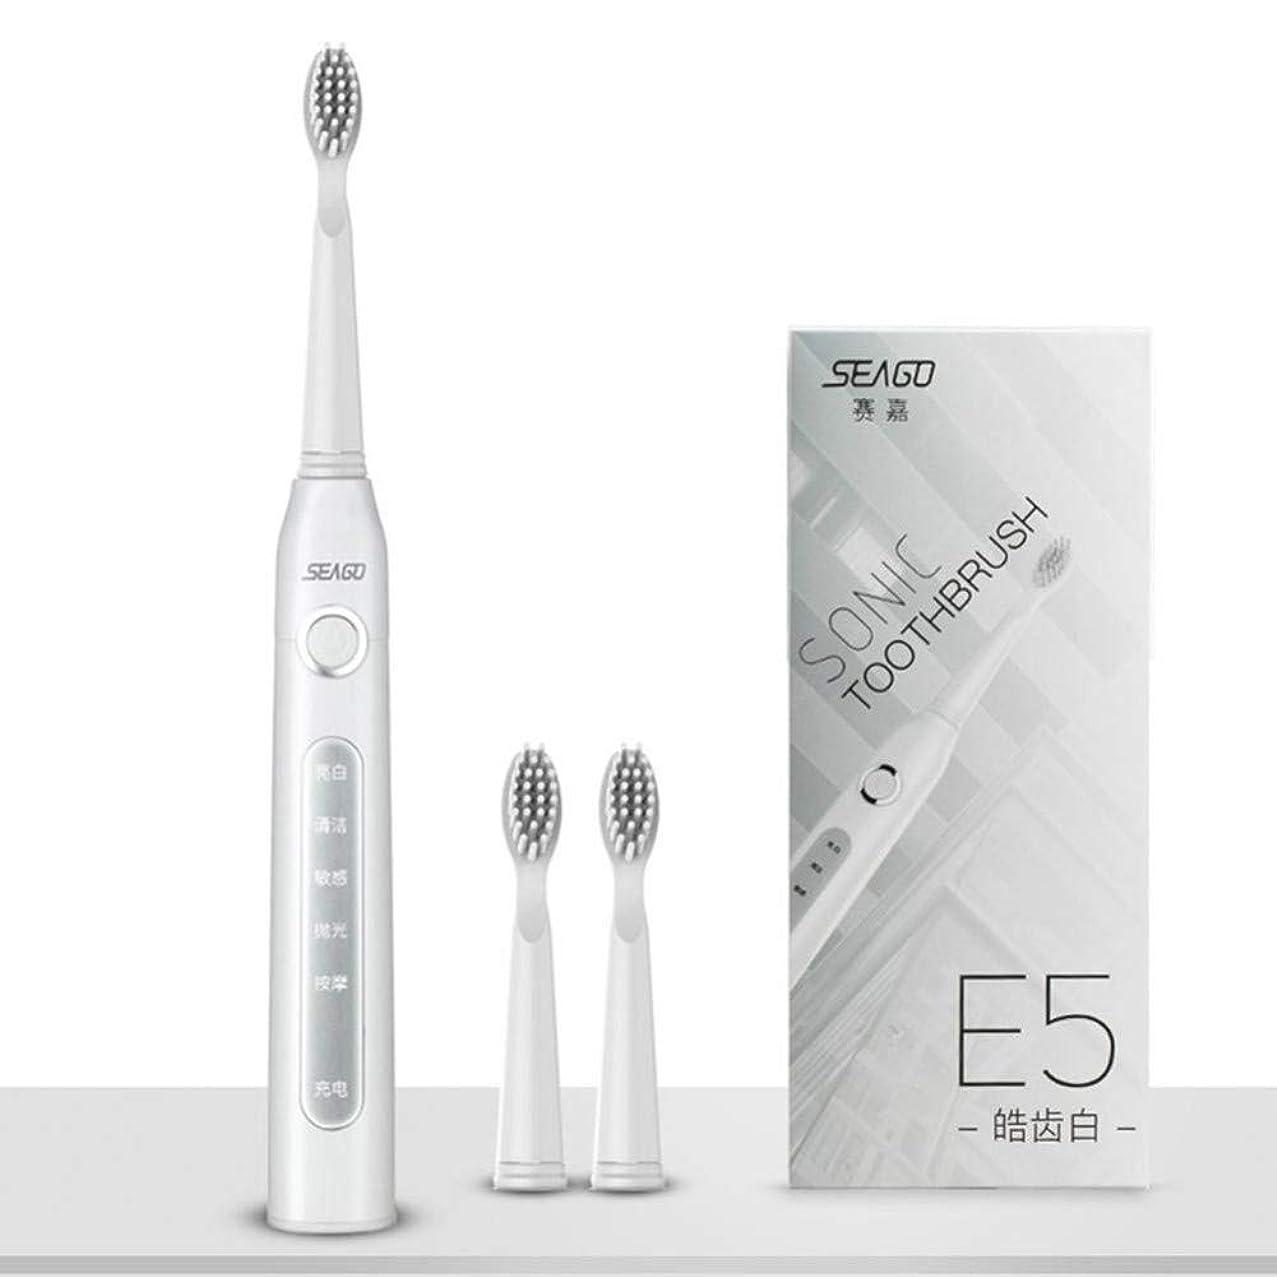 ムスタチオ無駄だ威するUsb充電式電動歯ブラシ大人の防水ディープクリーン歯ブラシ2交換ヘッド5クリーニングモード、ホワイト